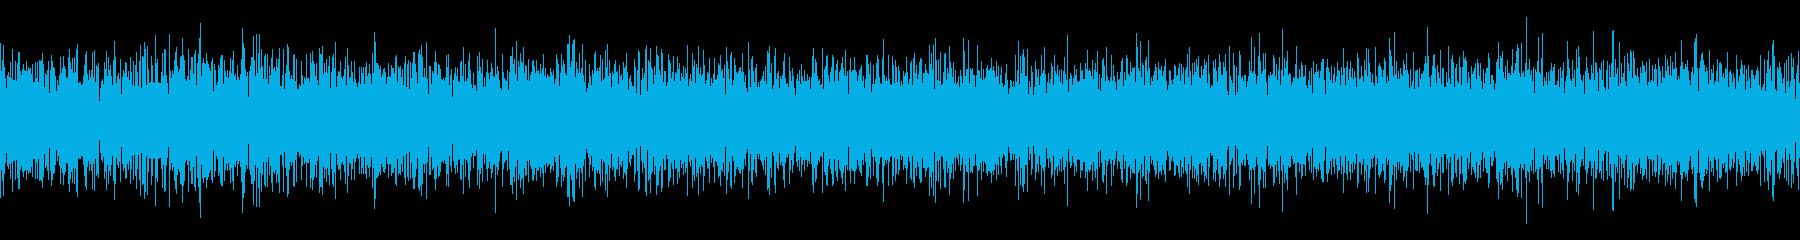 サーバルーム内の空調ノイズの再生済みの波形